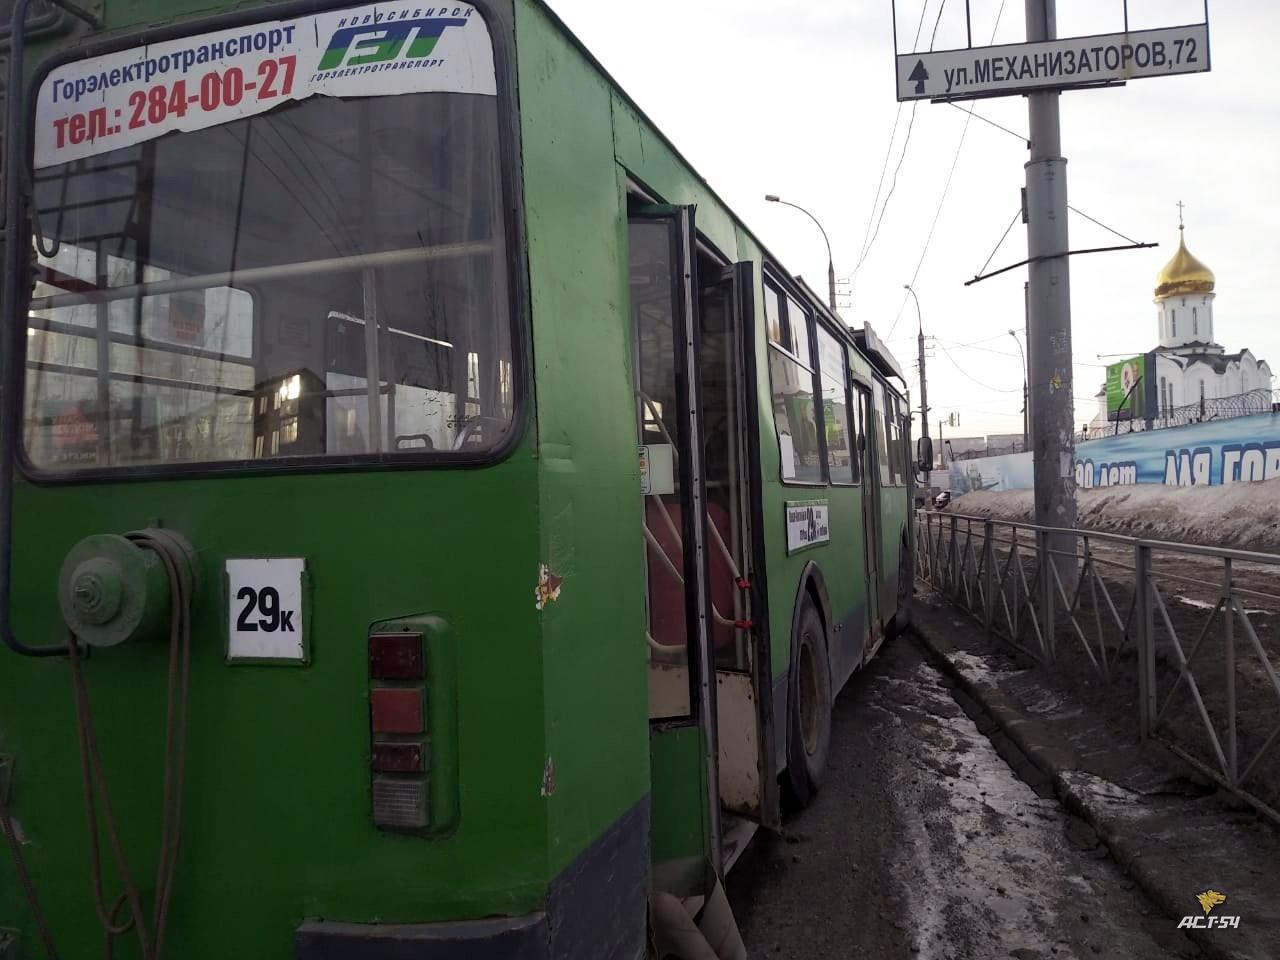 фото Троллейбус без тормозов въехал в дорожное ограждение в Новосибирске 2